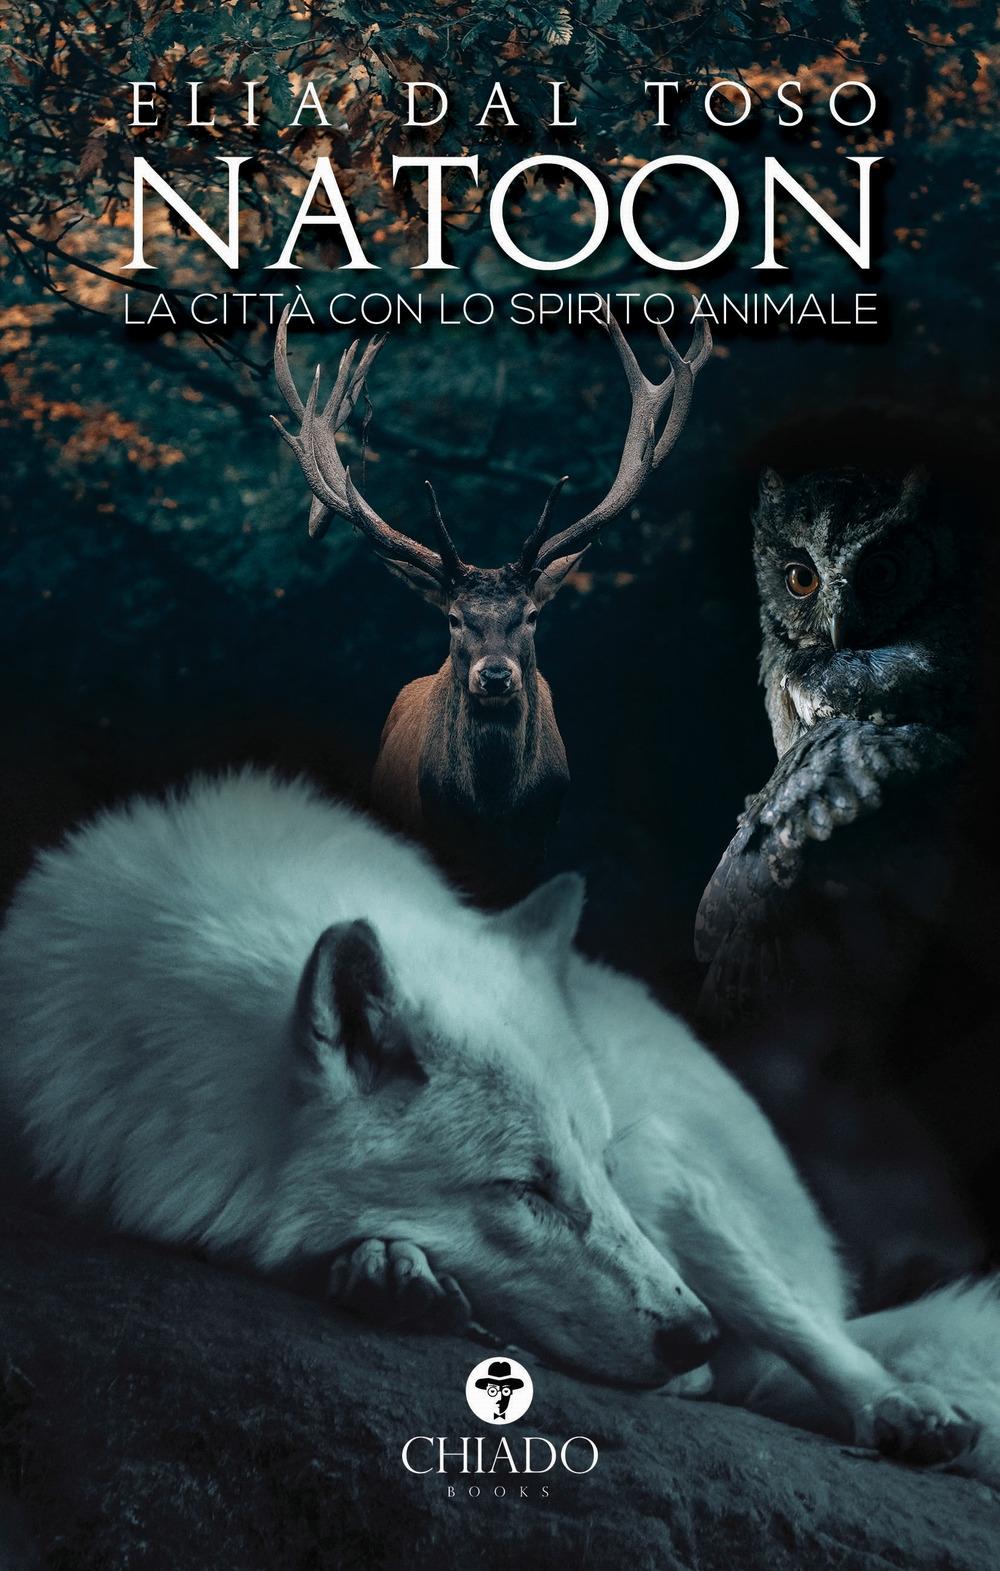 Natoon. La città con lo spirito animale.